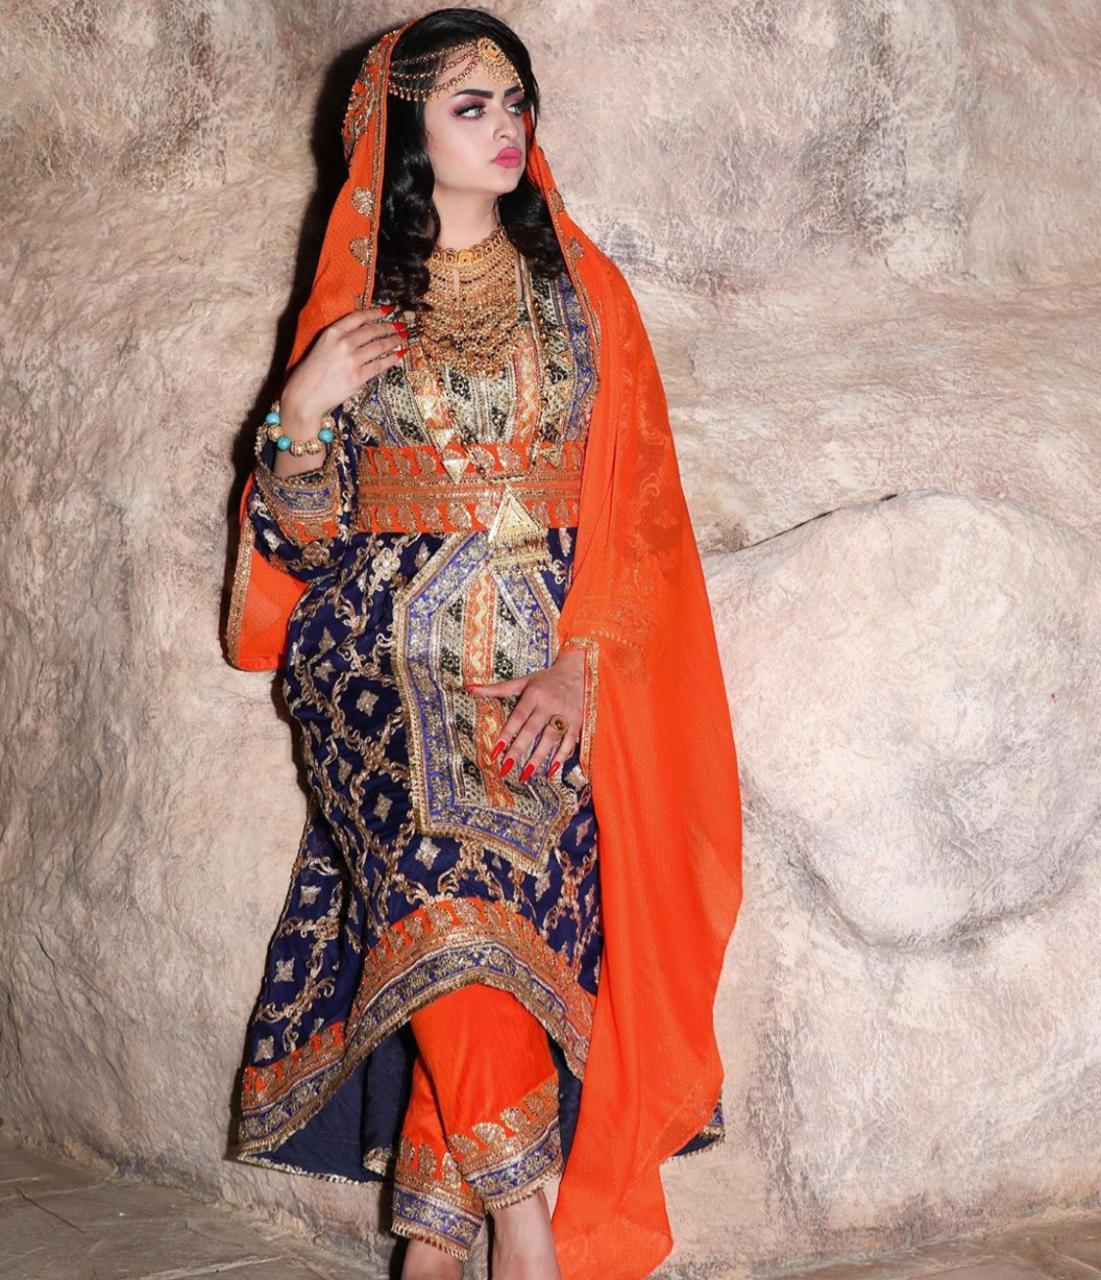 الأزياء العمانية